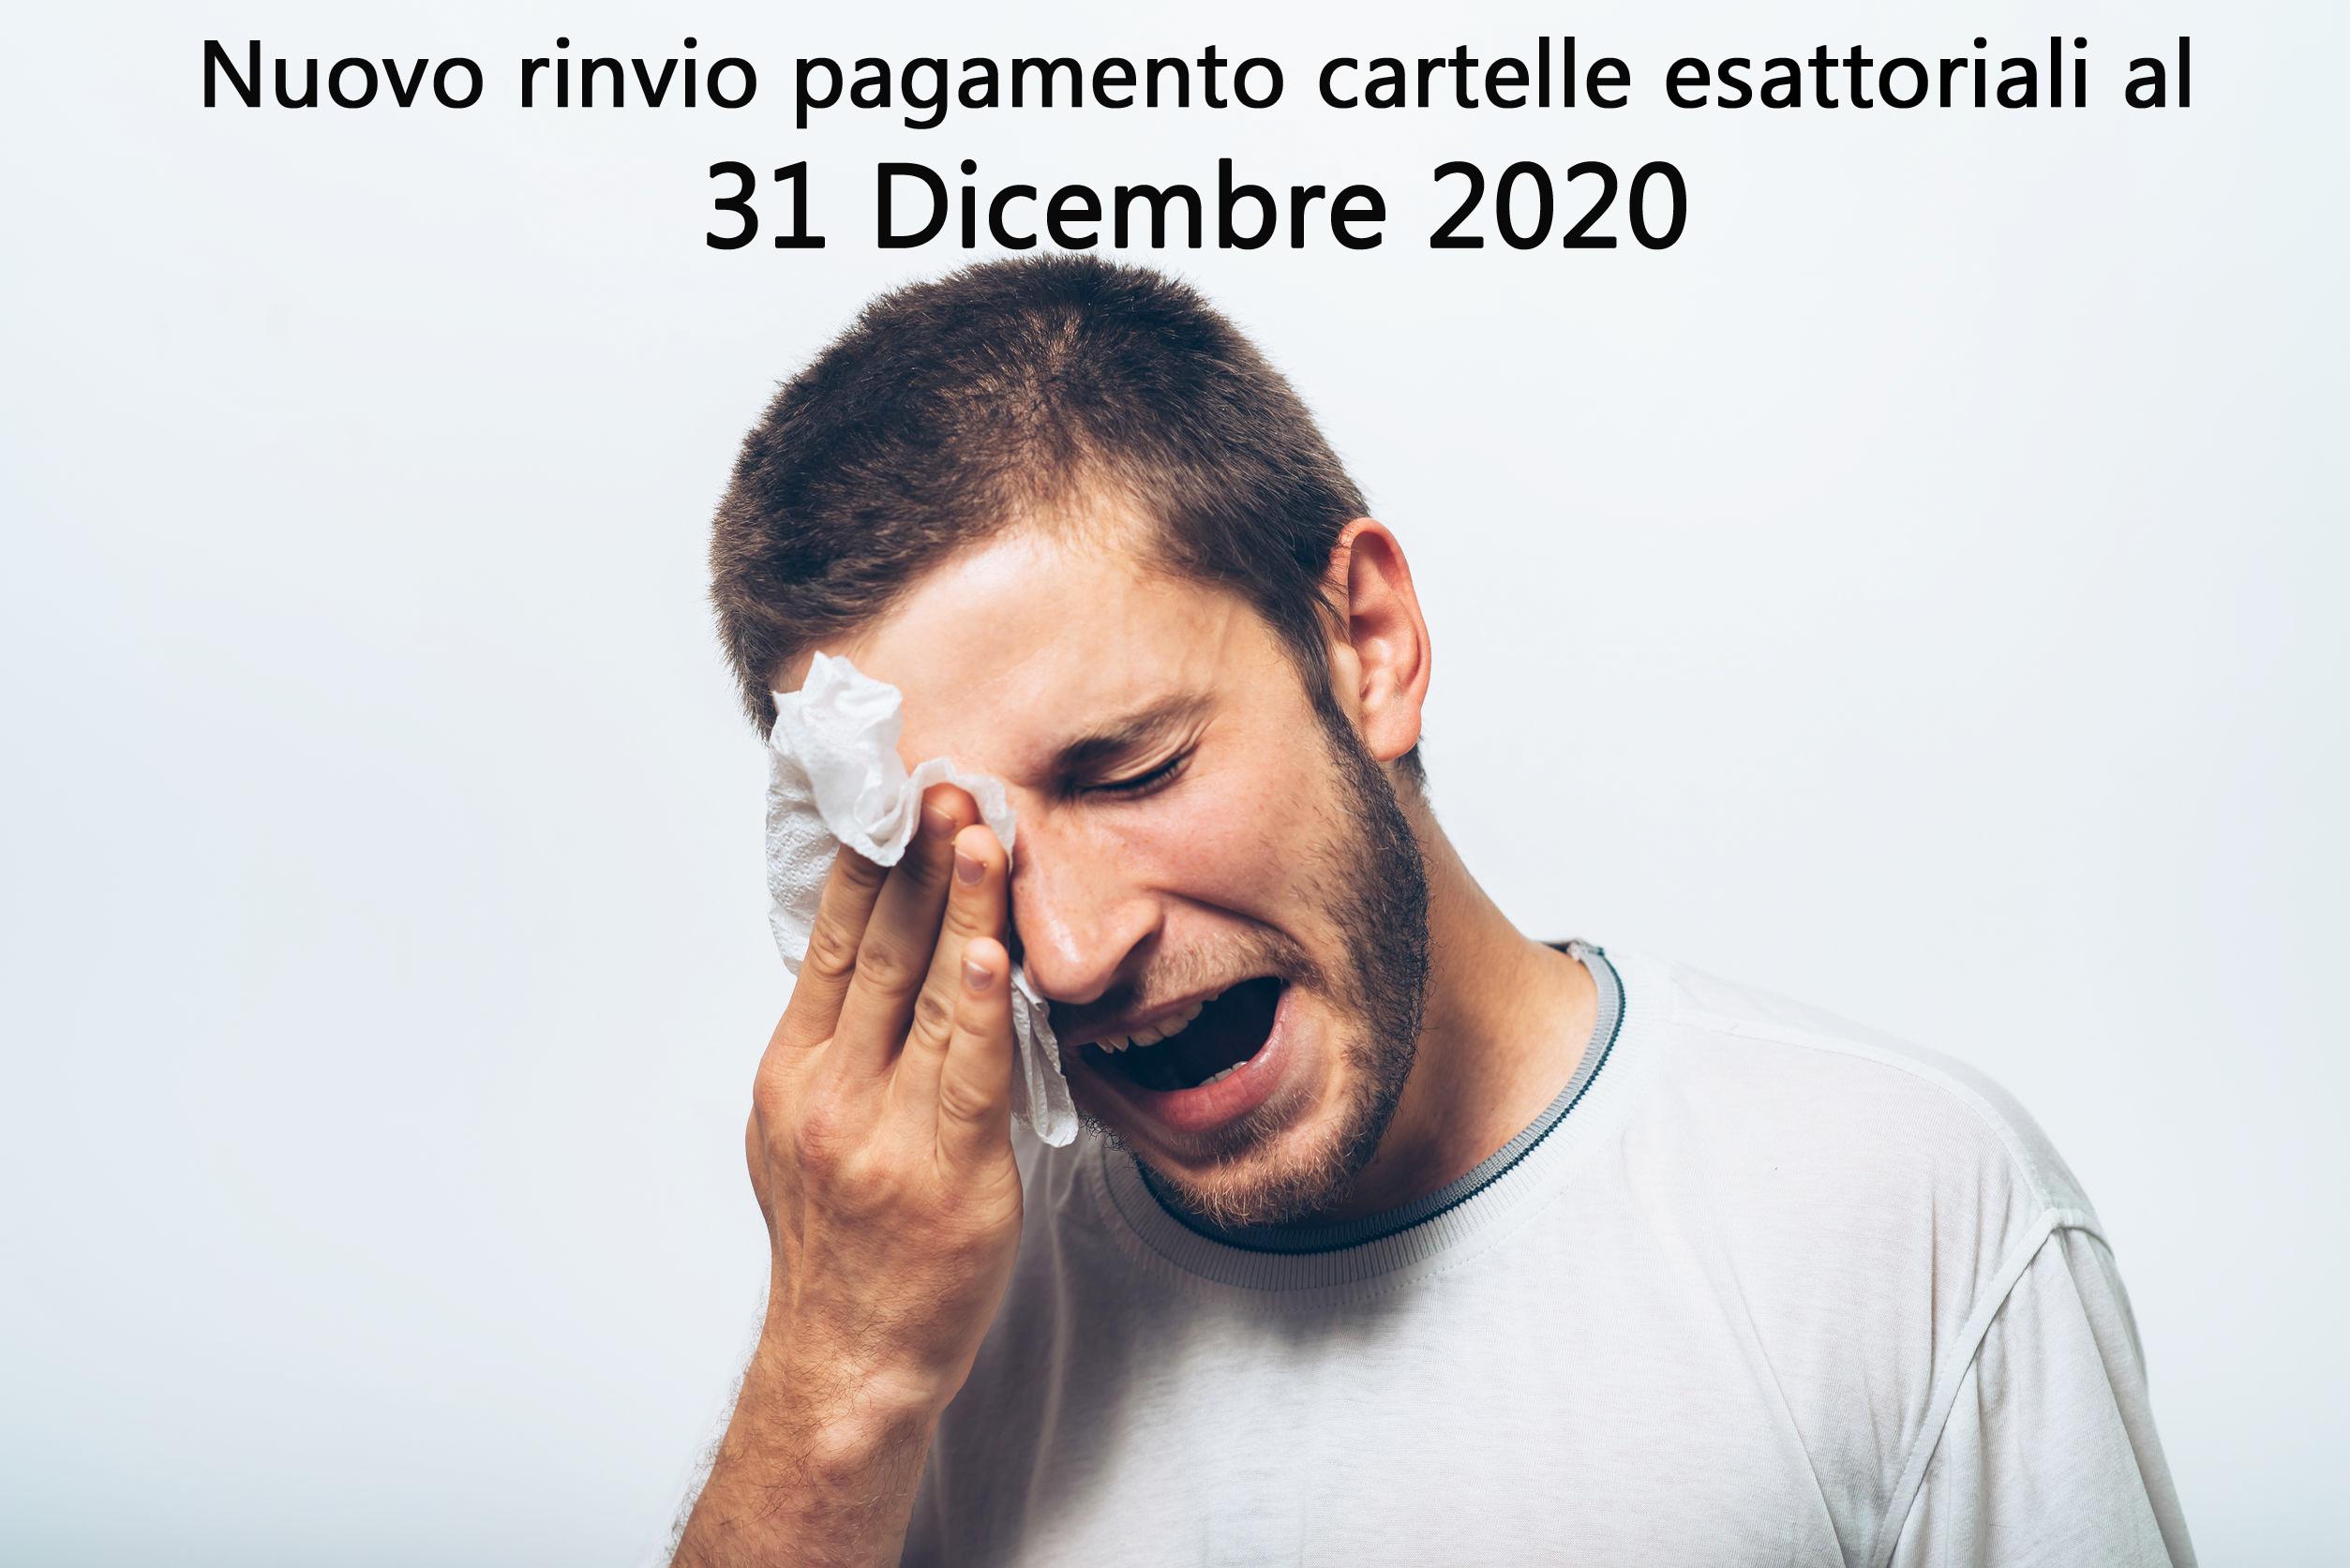 Proroga cartelle esattoriali al 31 Dicembre 2020